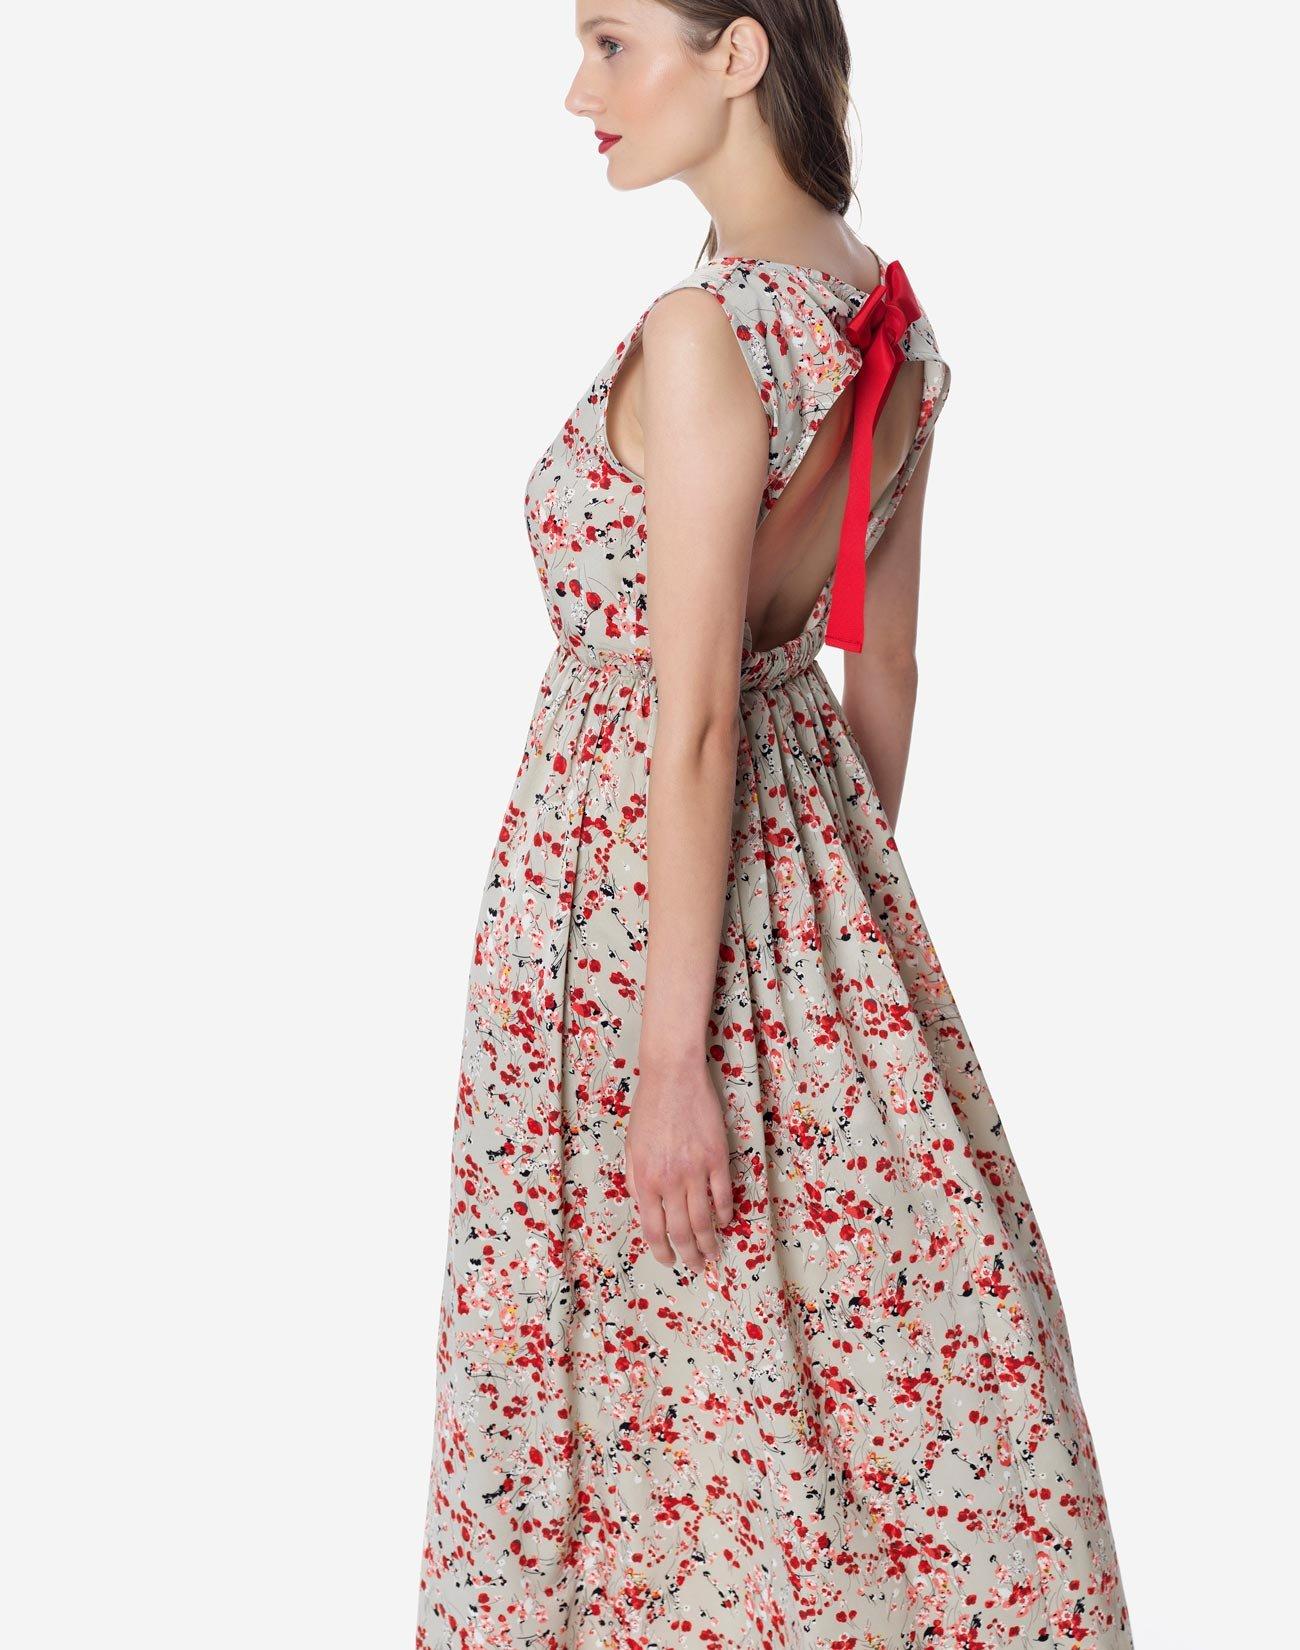 Μάξι φόρεμα με ανοιχτή πλάτη